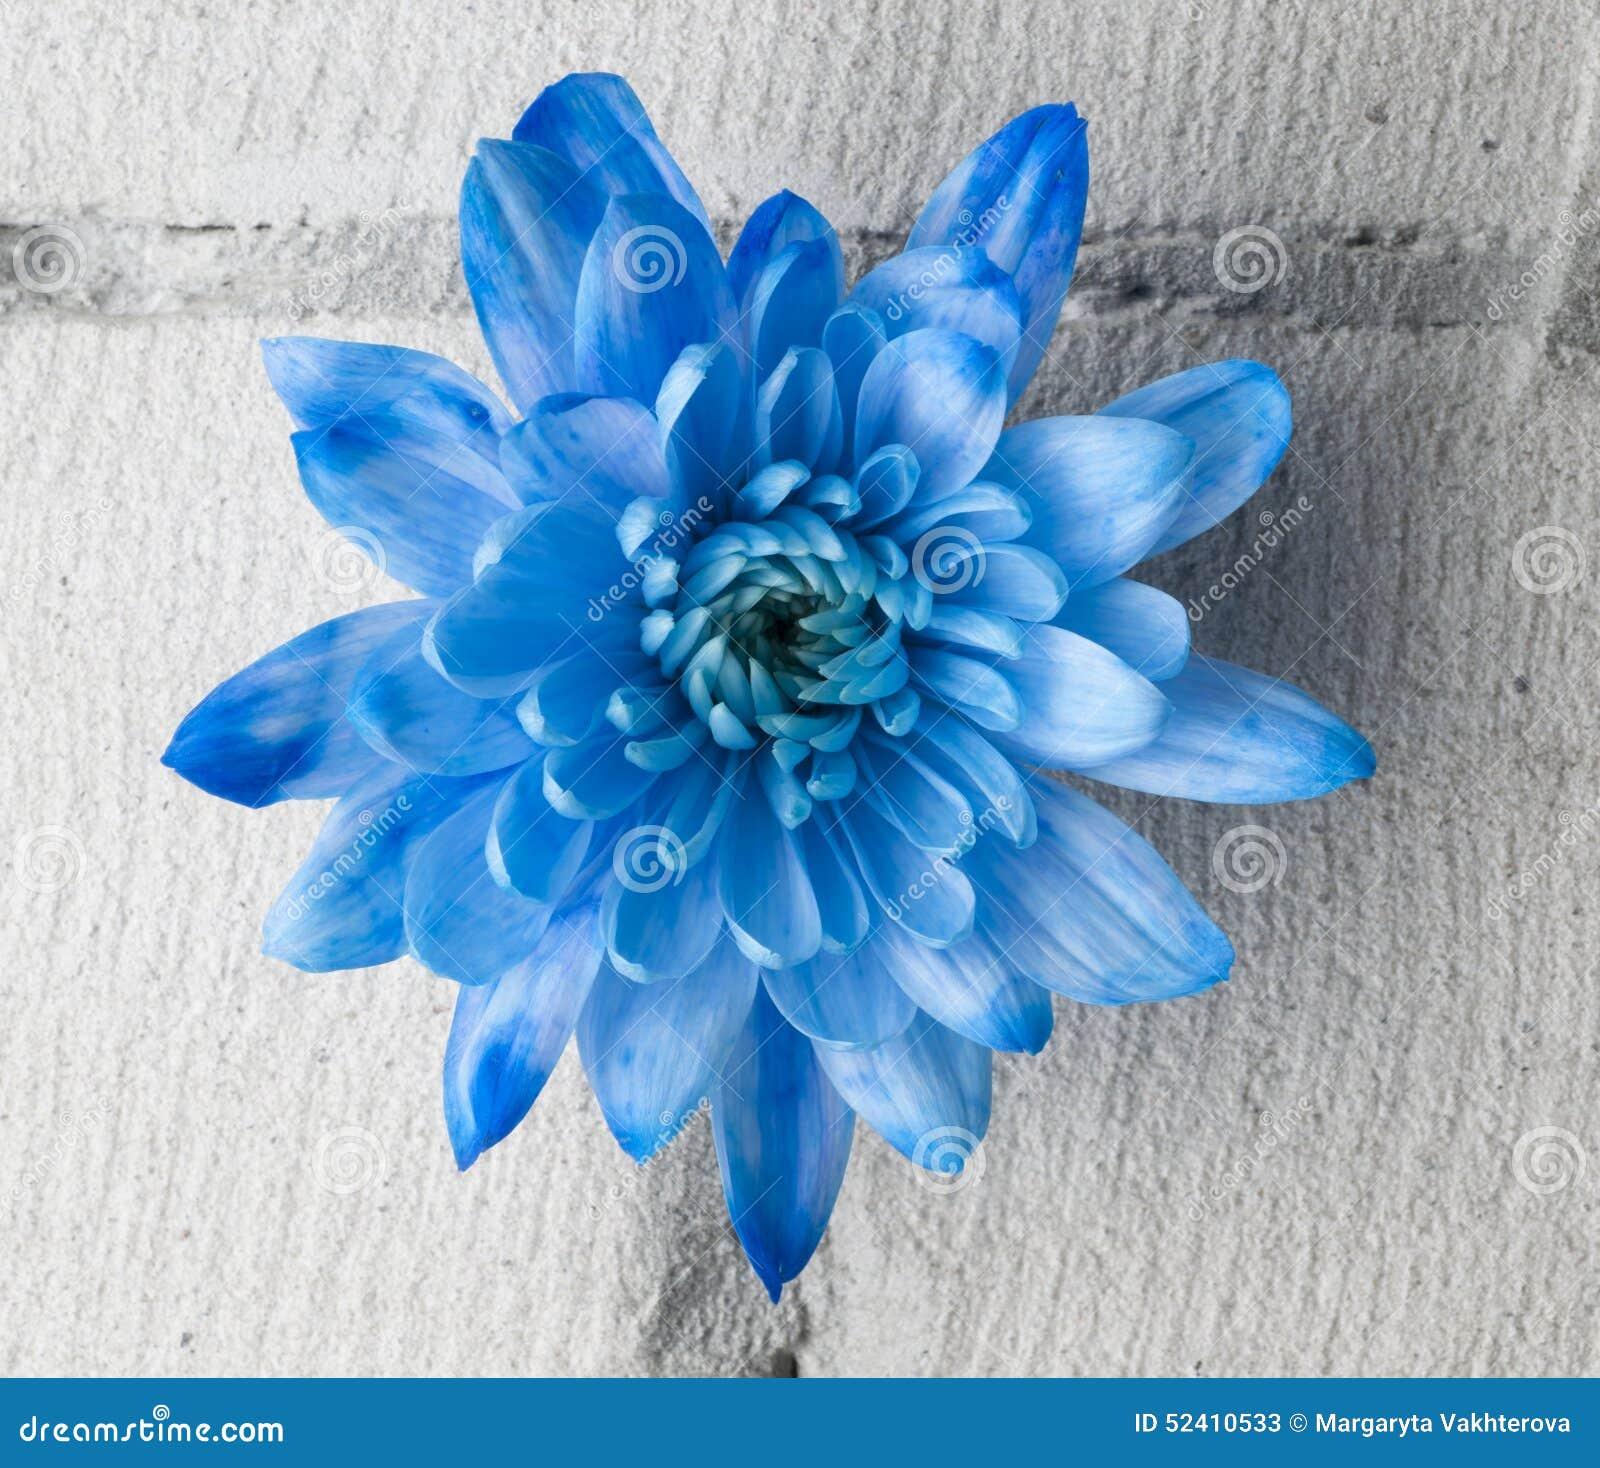 chrysanth me bleu au dessus de mur de briques gris photo stock image 52410533. Black Bedroom Furniture Sets. Home Design Ideas